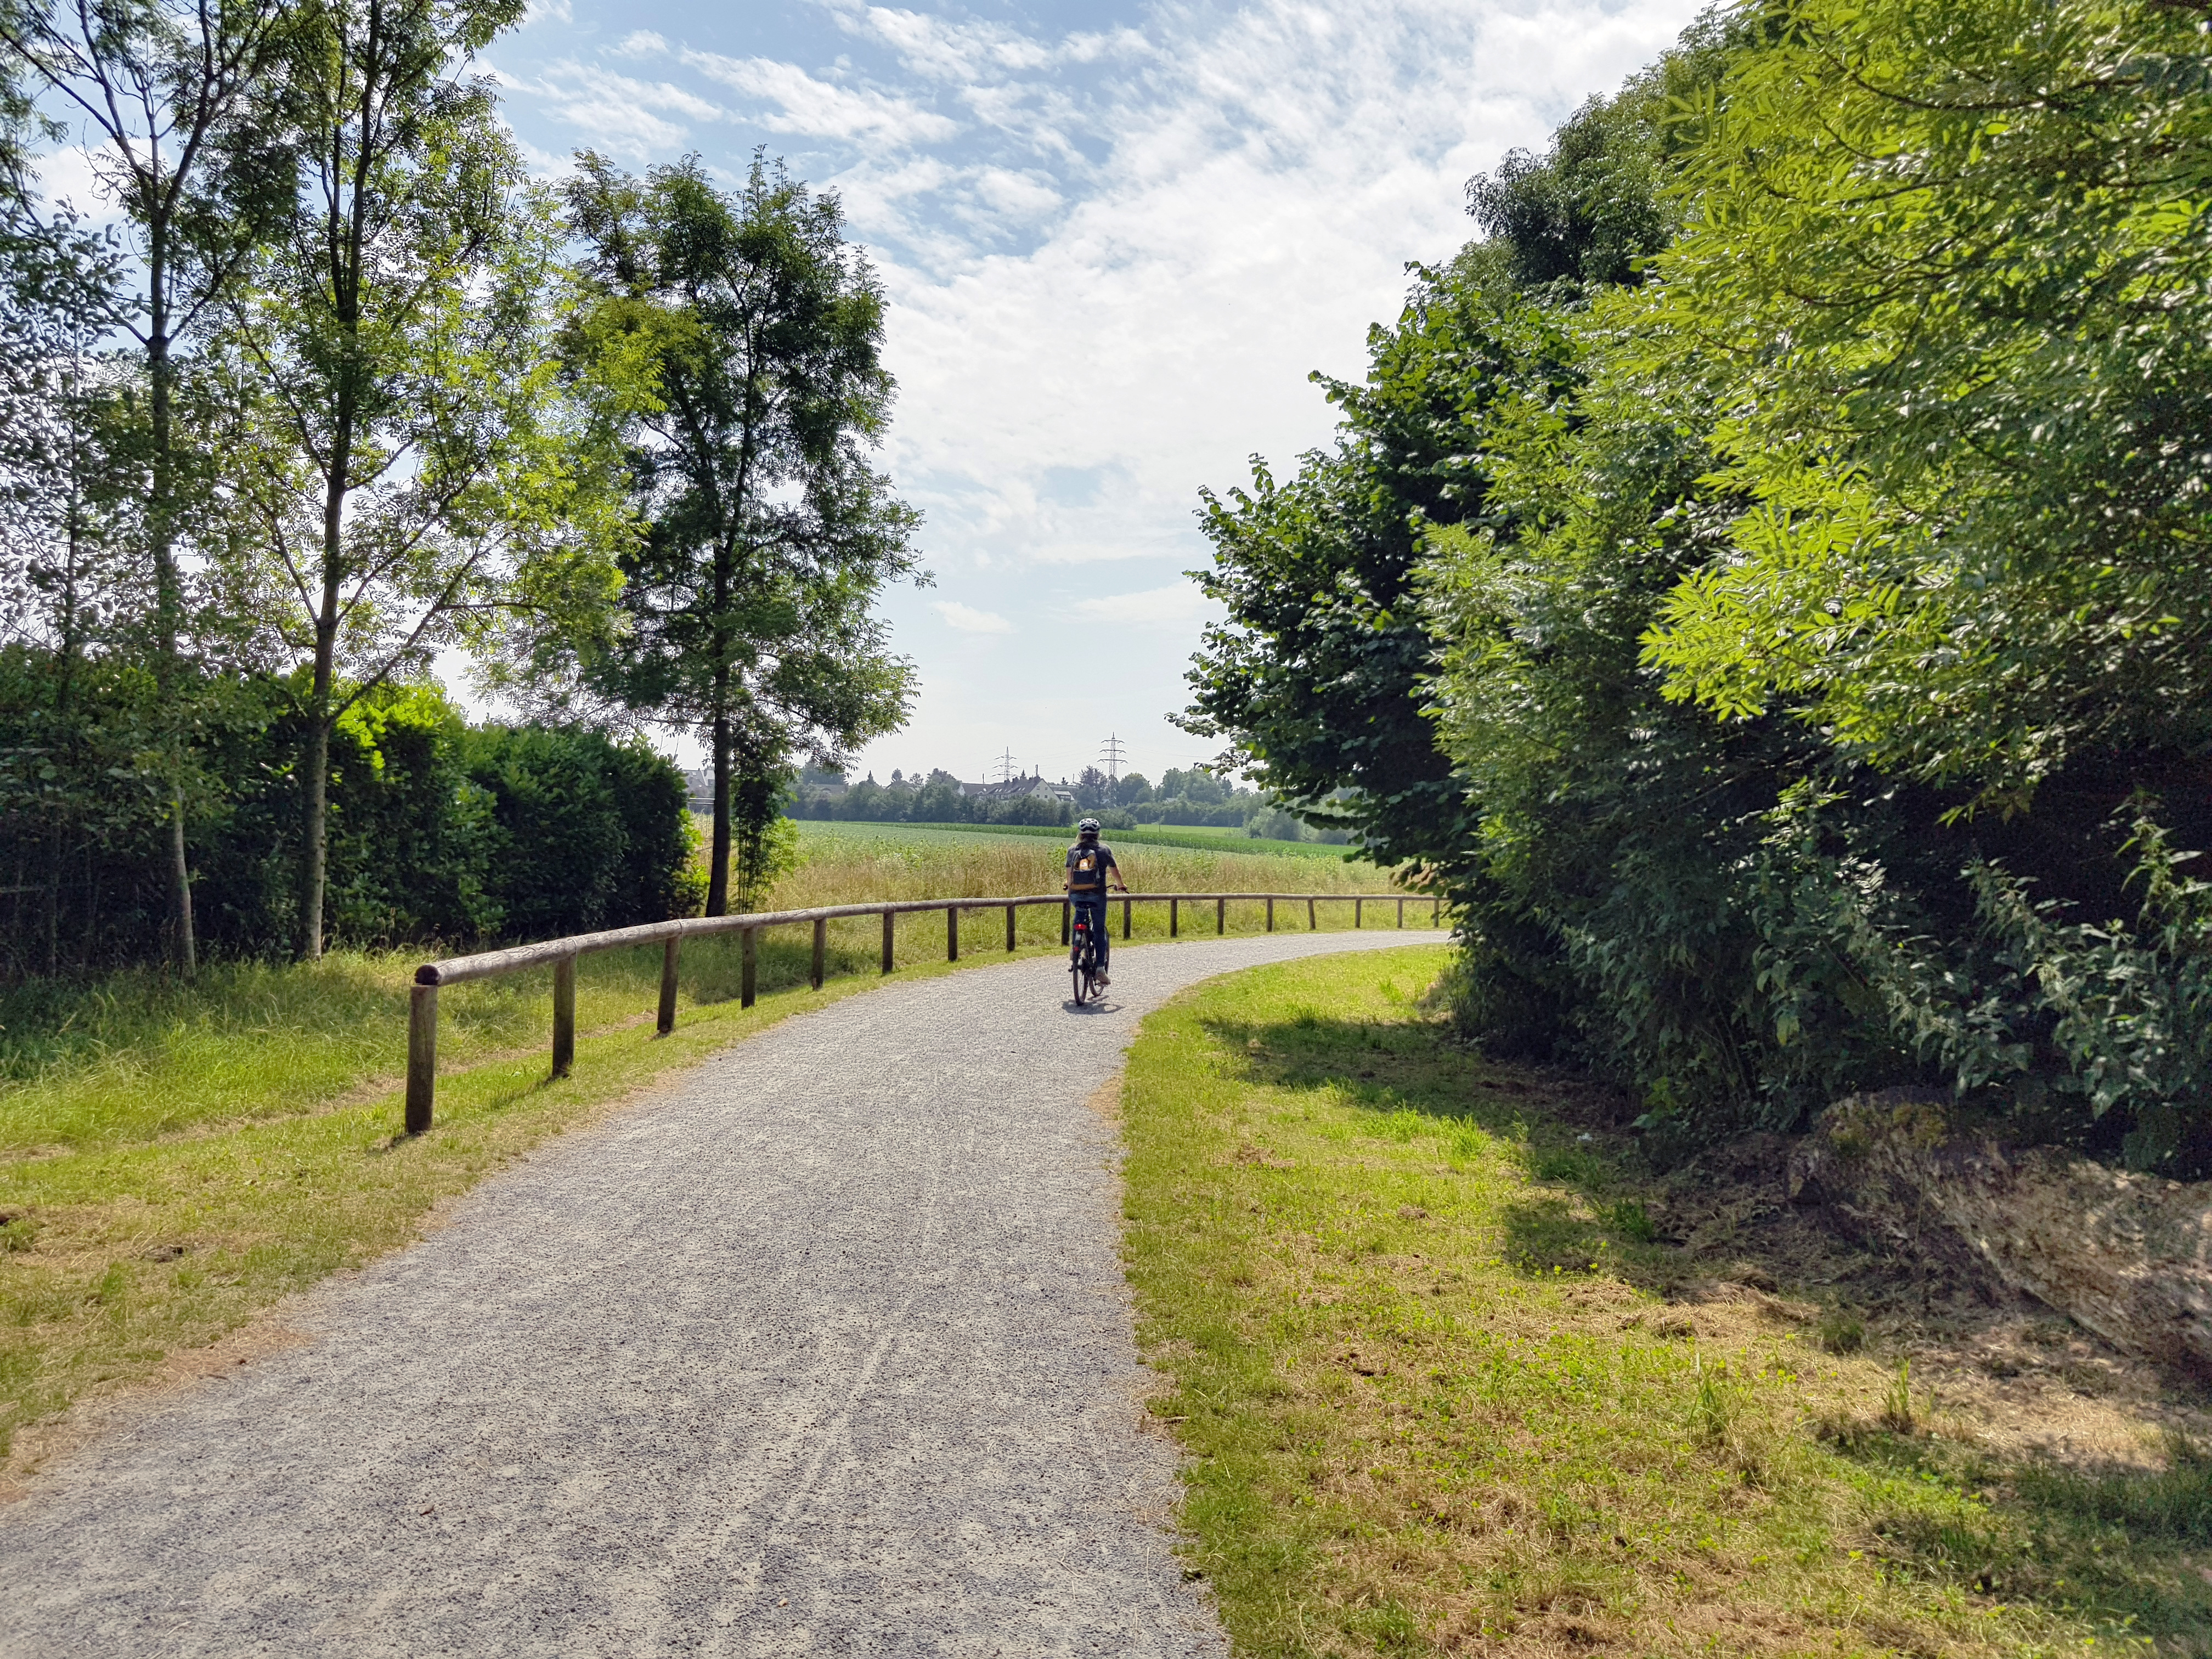 Das Bild zeigt einen Radler inmitten von grünen Wiesen im Hexbachtal in Mülheim an der Ruhr